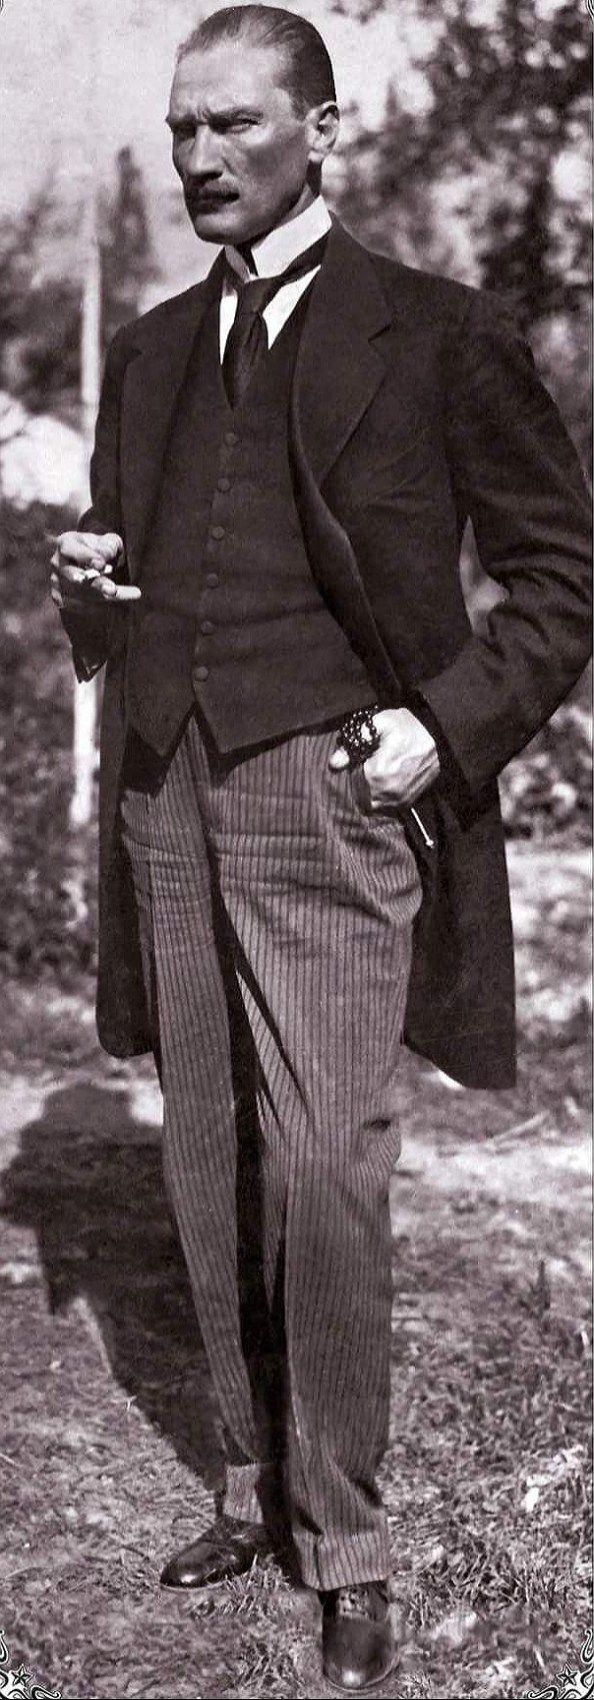 1-Fransa'da çekilen fotoğrafı. Henüz 29 yaşında. Eldiveni, şapkası ve elbisesinin uyumu harikulade. Bir eli cebinde ve bir ayağını dirseklerinden öne hafifçe eğmiş. O, adeta mükemmellik abidesiymiş. 2-Bir elinde sigarası, diğerinde tesbihi. Tek ayağı önde, bakışları Sivas'tan işgalcilere adeta meydan okuyor. Bu arada, elbisesi kendisinin değil, ödünç almış. O halde bile, işte tüm Anadolu'yu kasıp kavuran, peşine takan karizma, henüz 38 yaşındaydı. 3-1925 Cumhuriyet Bayramı'nda...